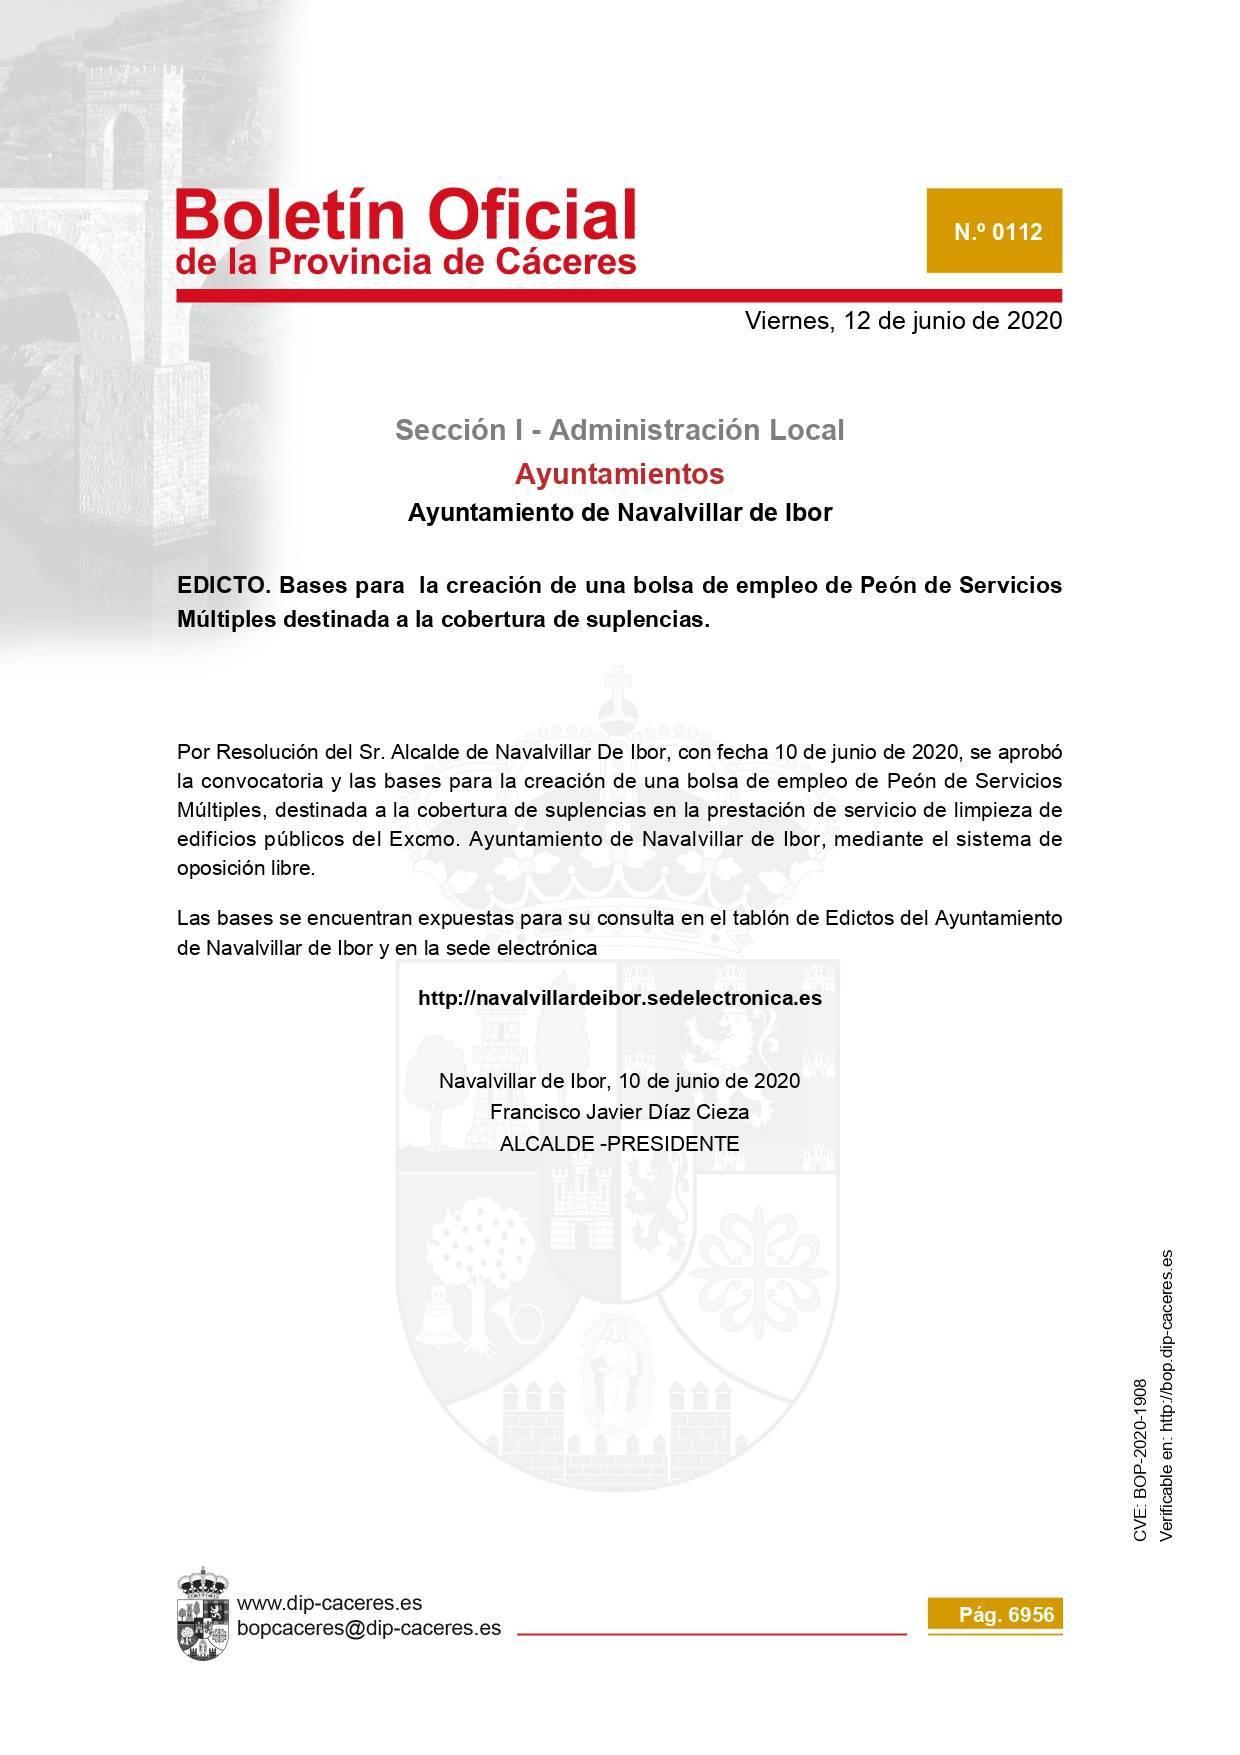 Bolsa de peón de servicios múltiples 2020 - Navalvillar de Ibor (Cáceres)